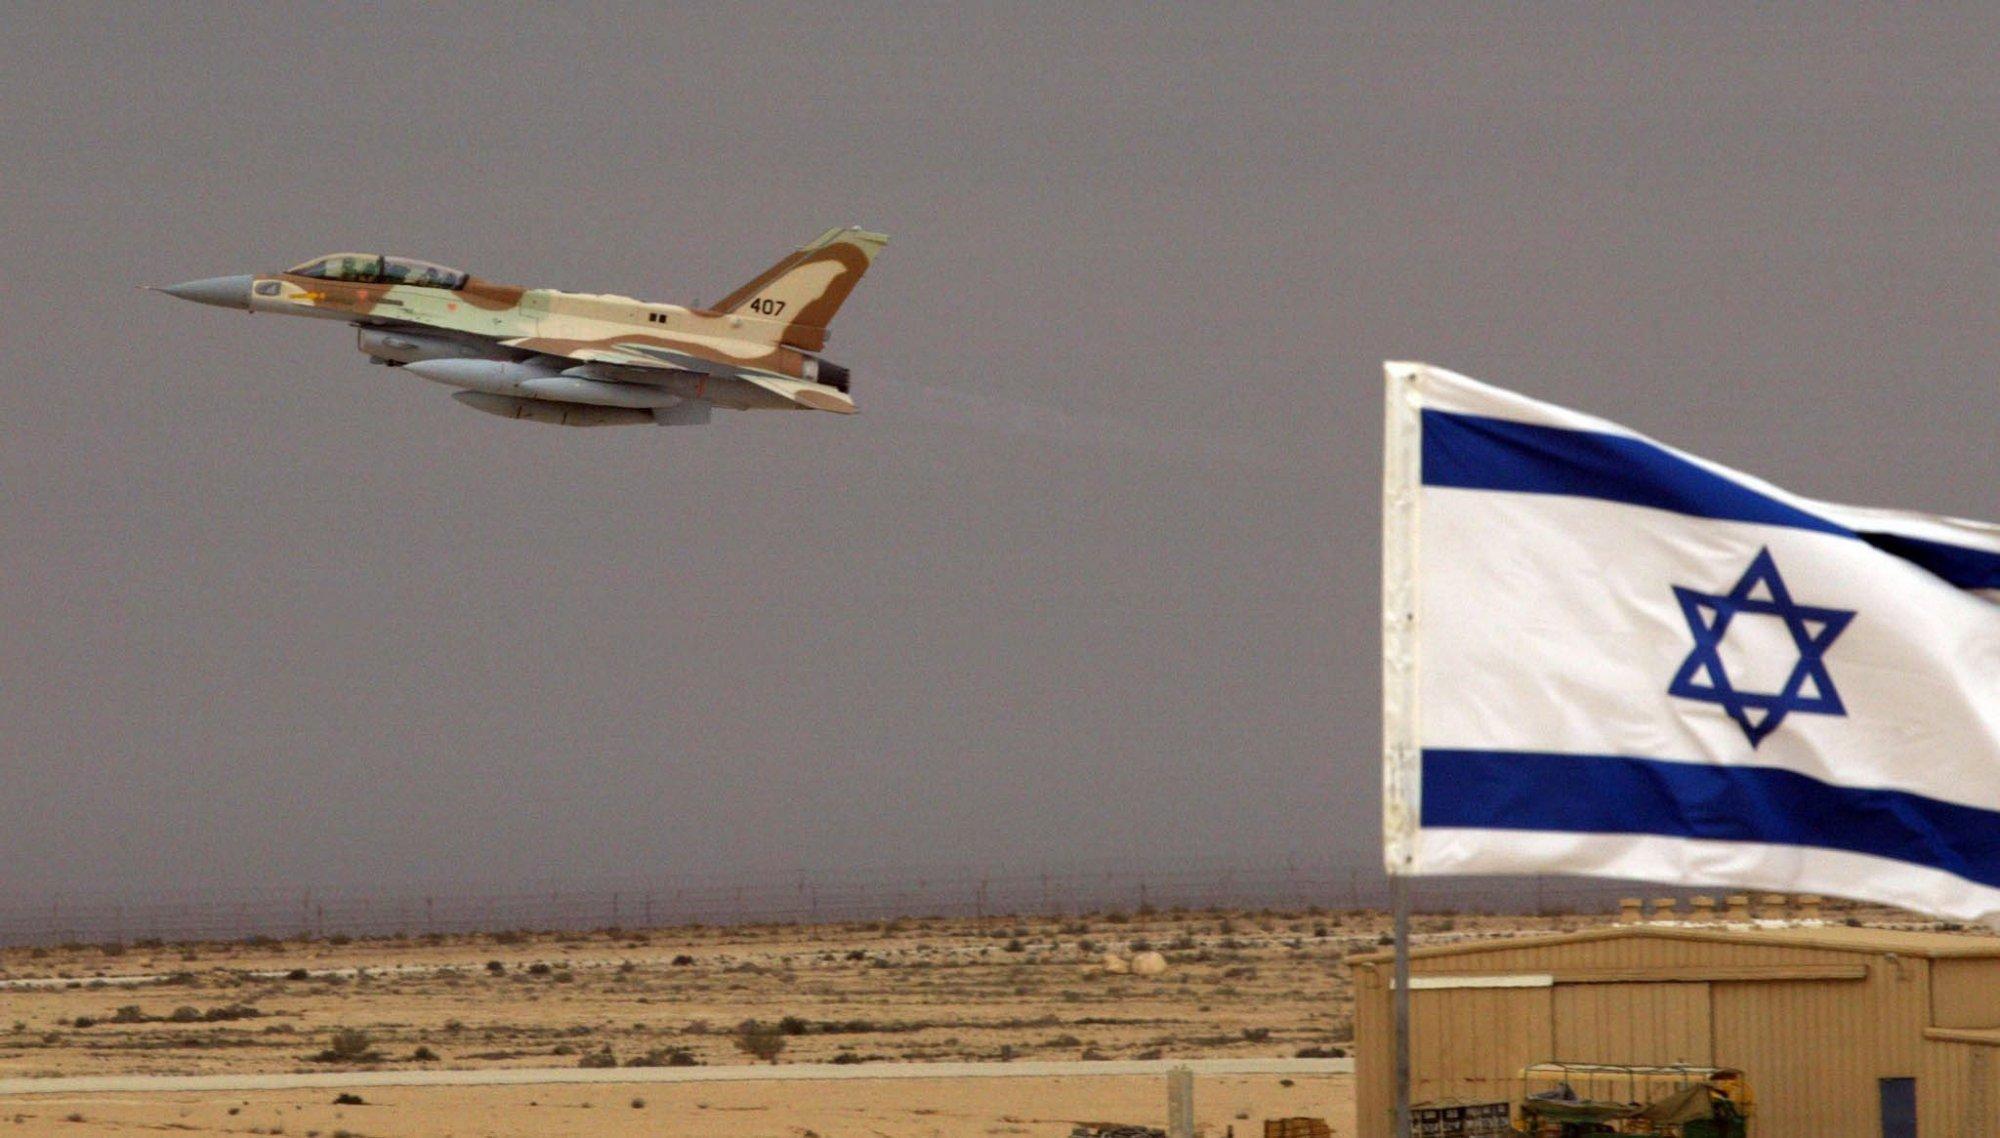 Ливанские СМИ: Израиль готовится к военным действиям против Ливана